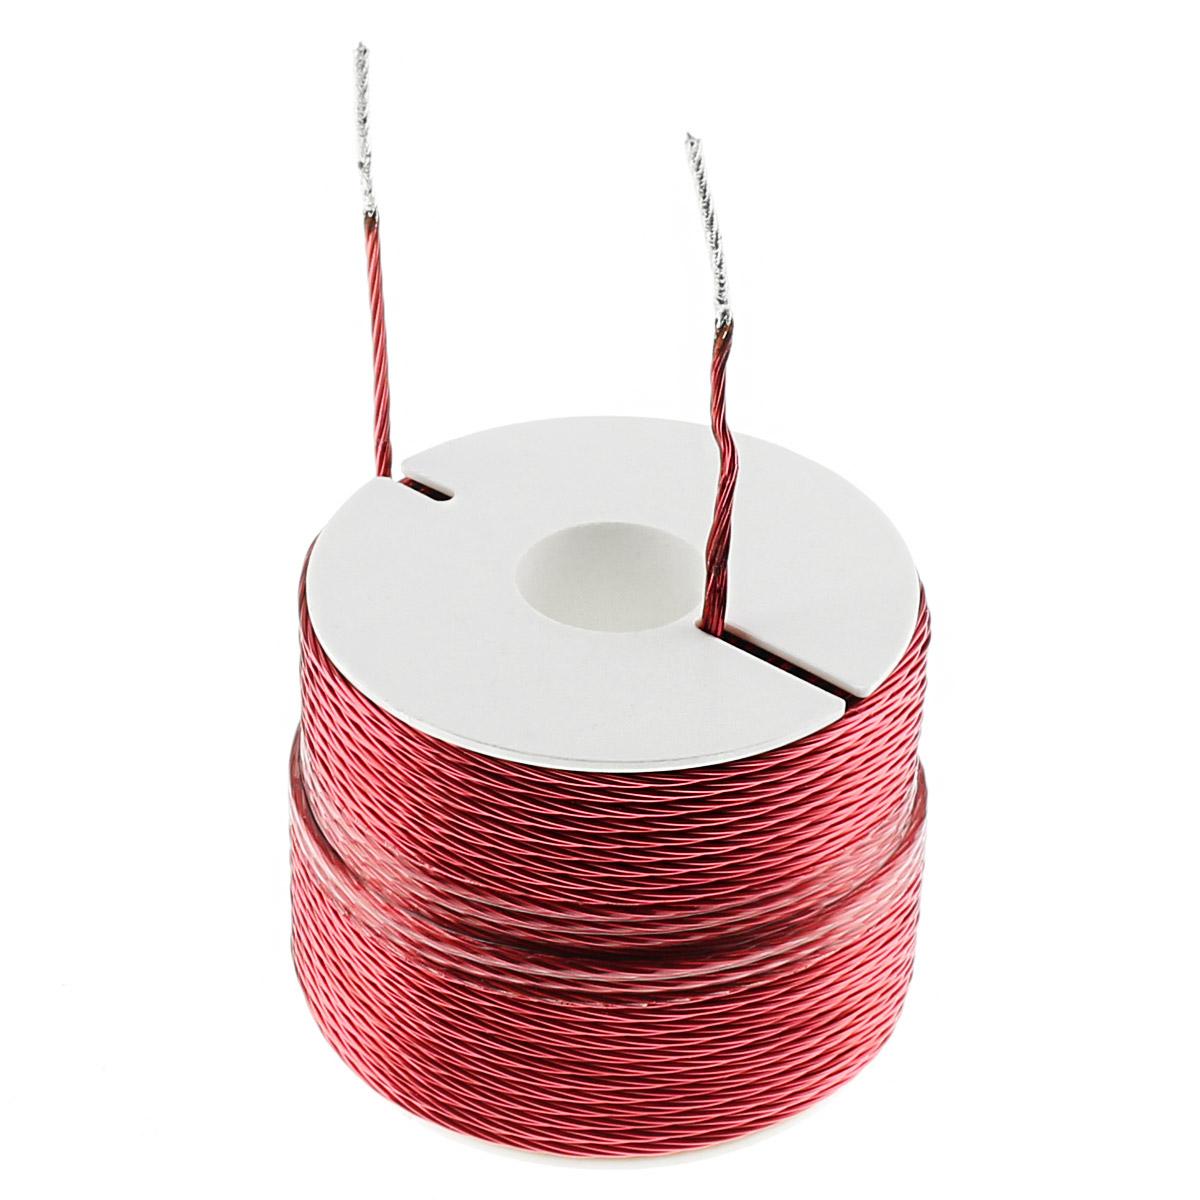 MUNDORF LL60 7 Strands Copper Wire Coil 0.18mH